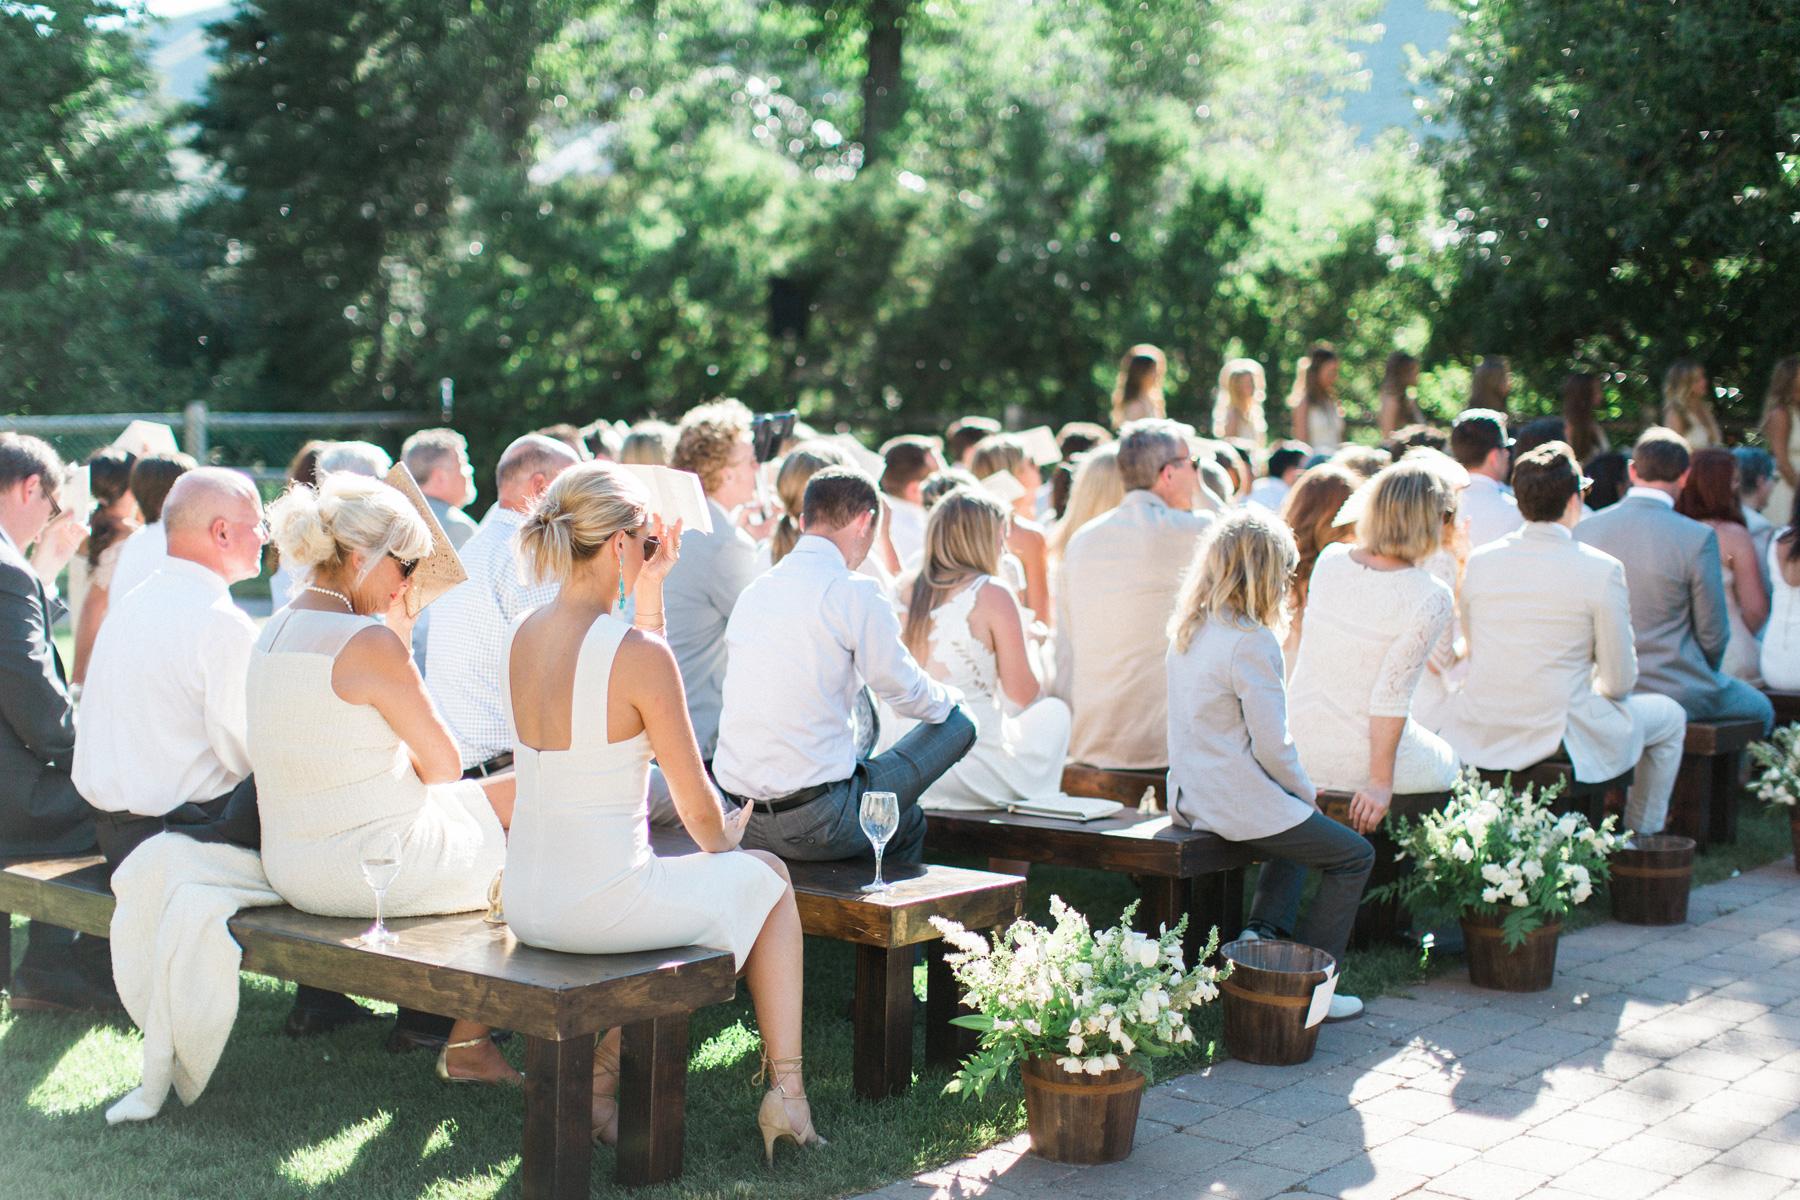 fgl-wedding-09.jpg